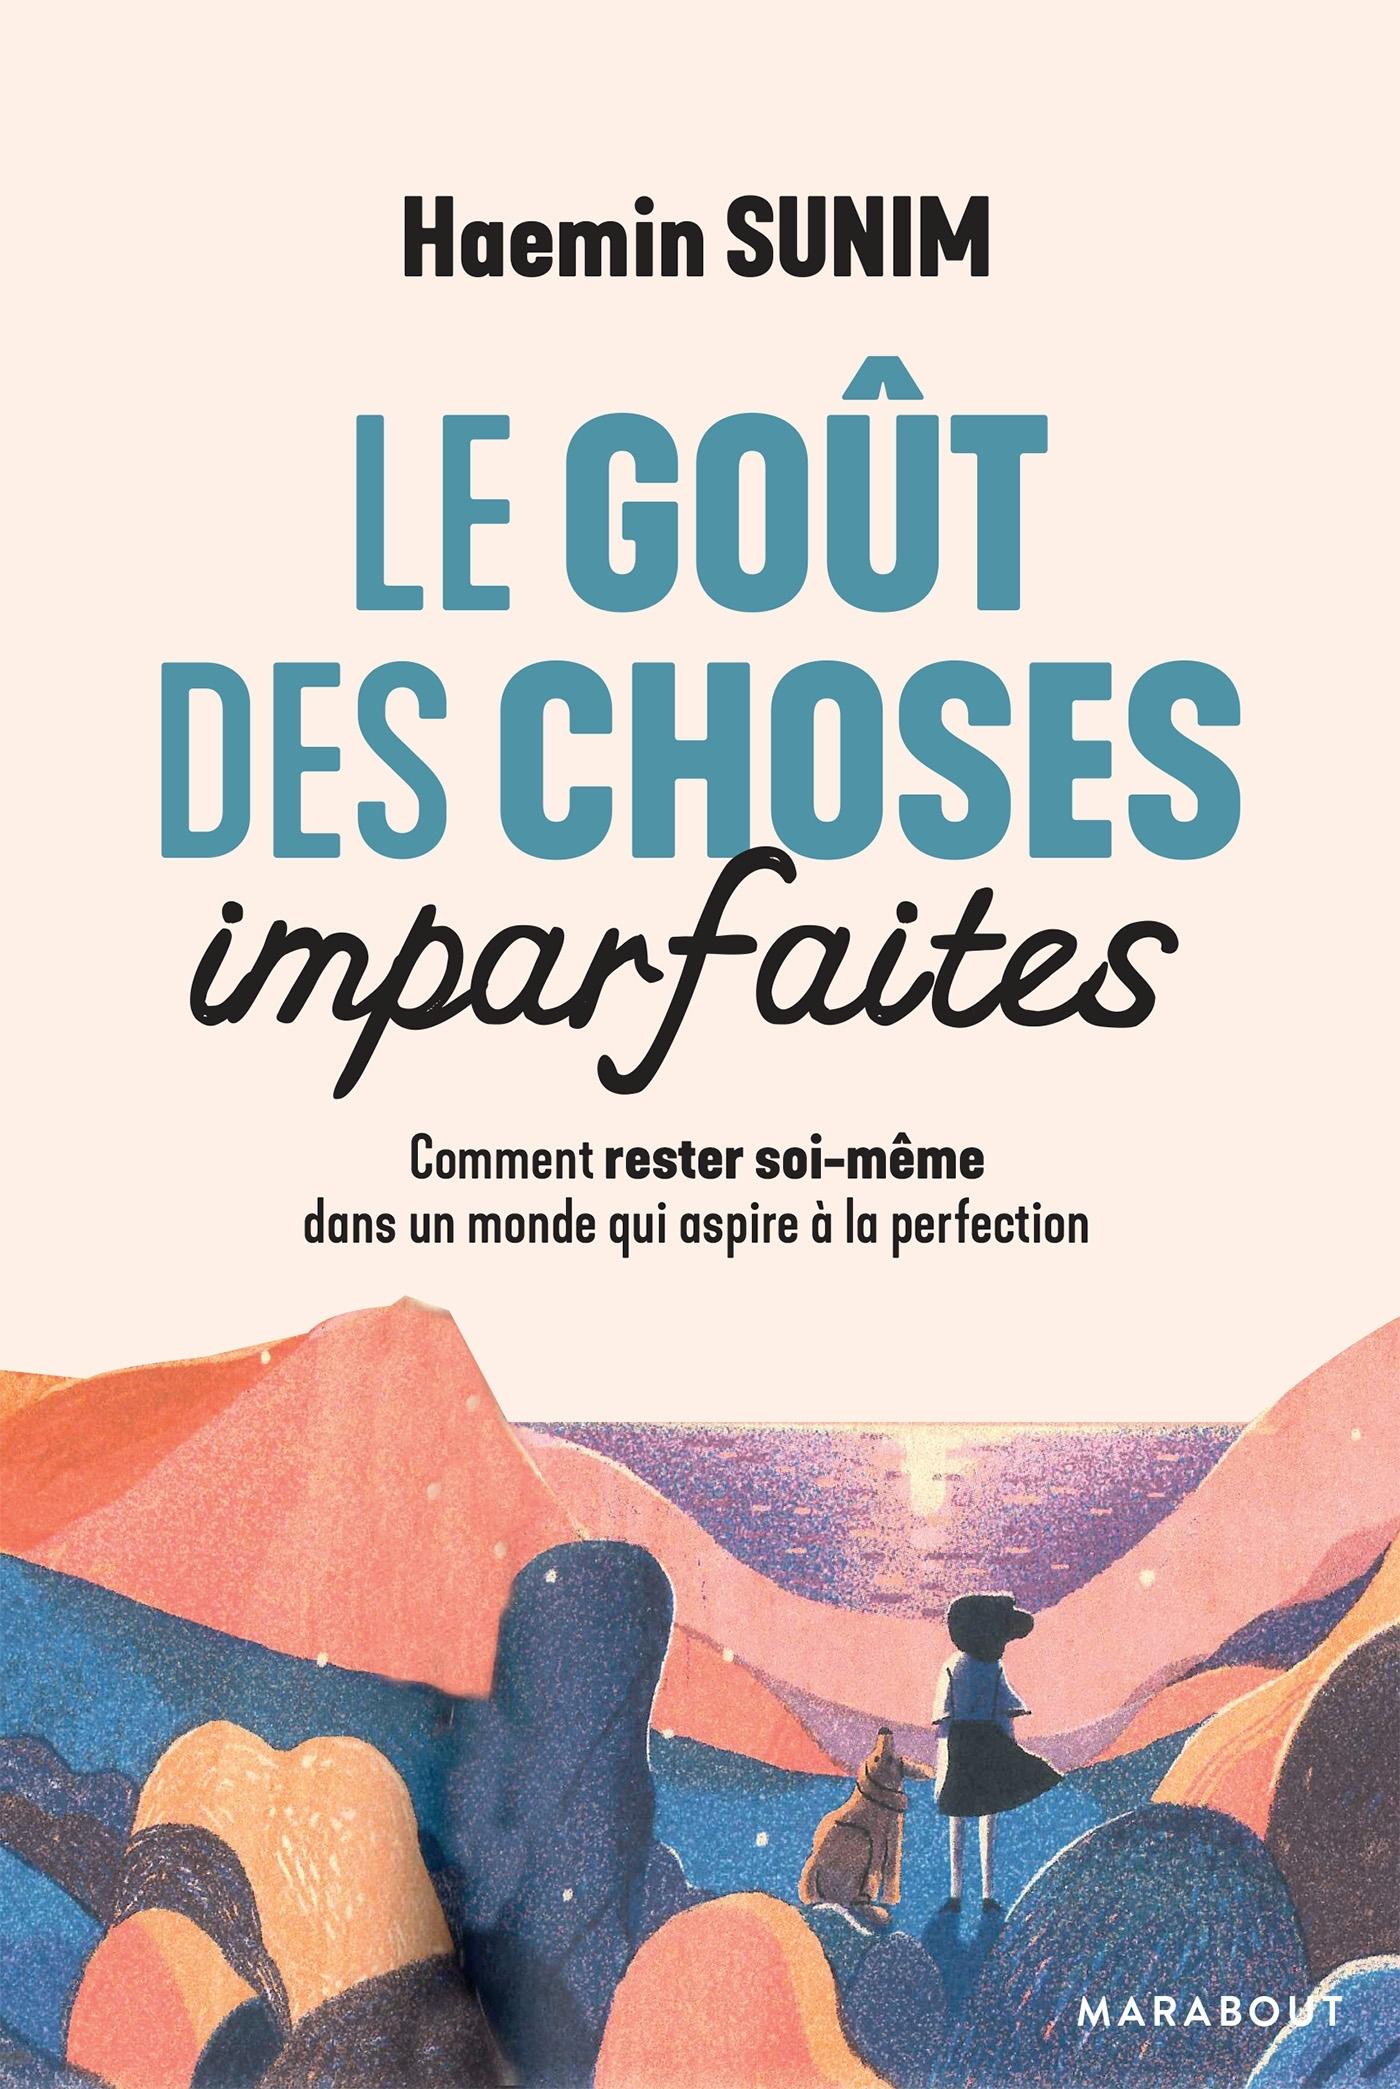 LE GOUT DES CHOSES IMPARFAITES - COMMENT RESTER SOI-MEME DANS UN MONDE QUI ASPIRE A LA PERFECTION